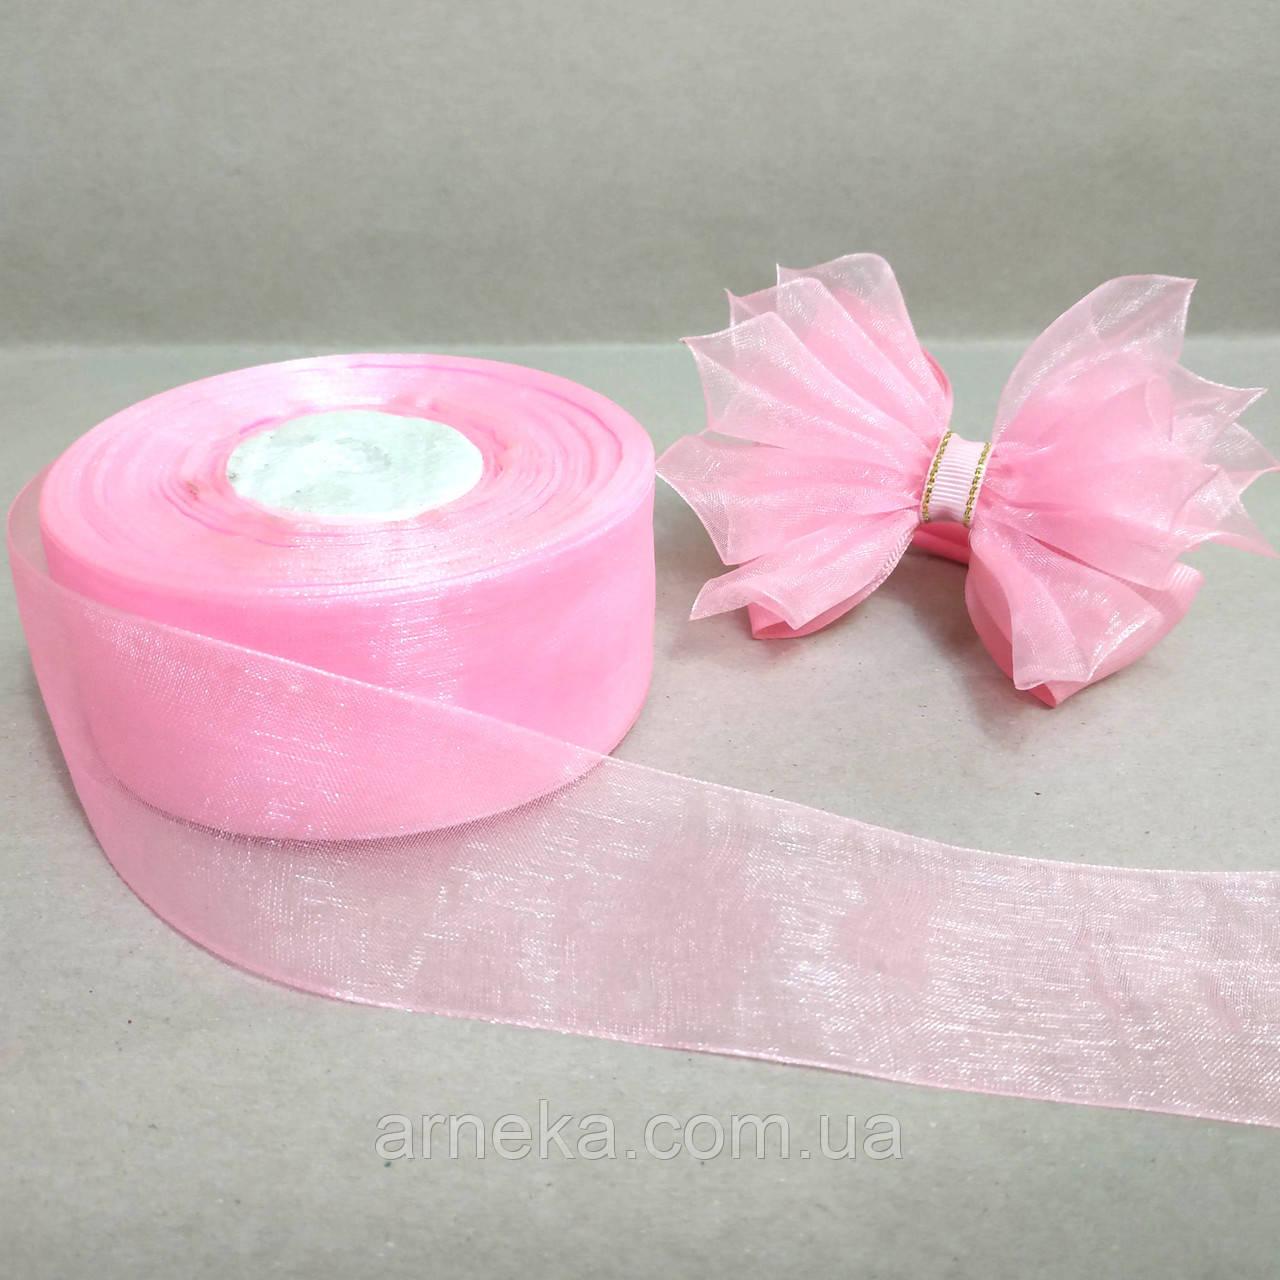 Органза 4 см розовая